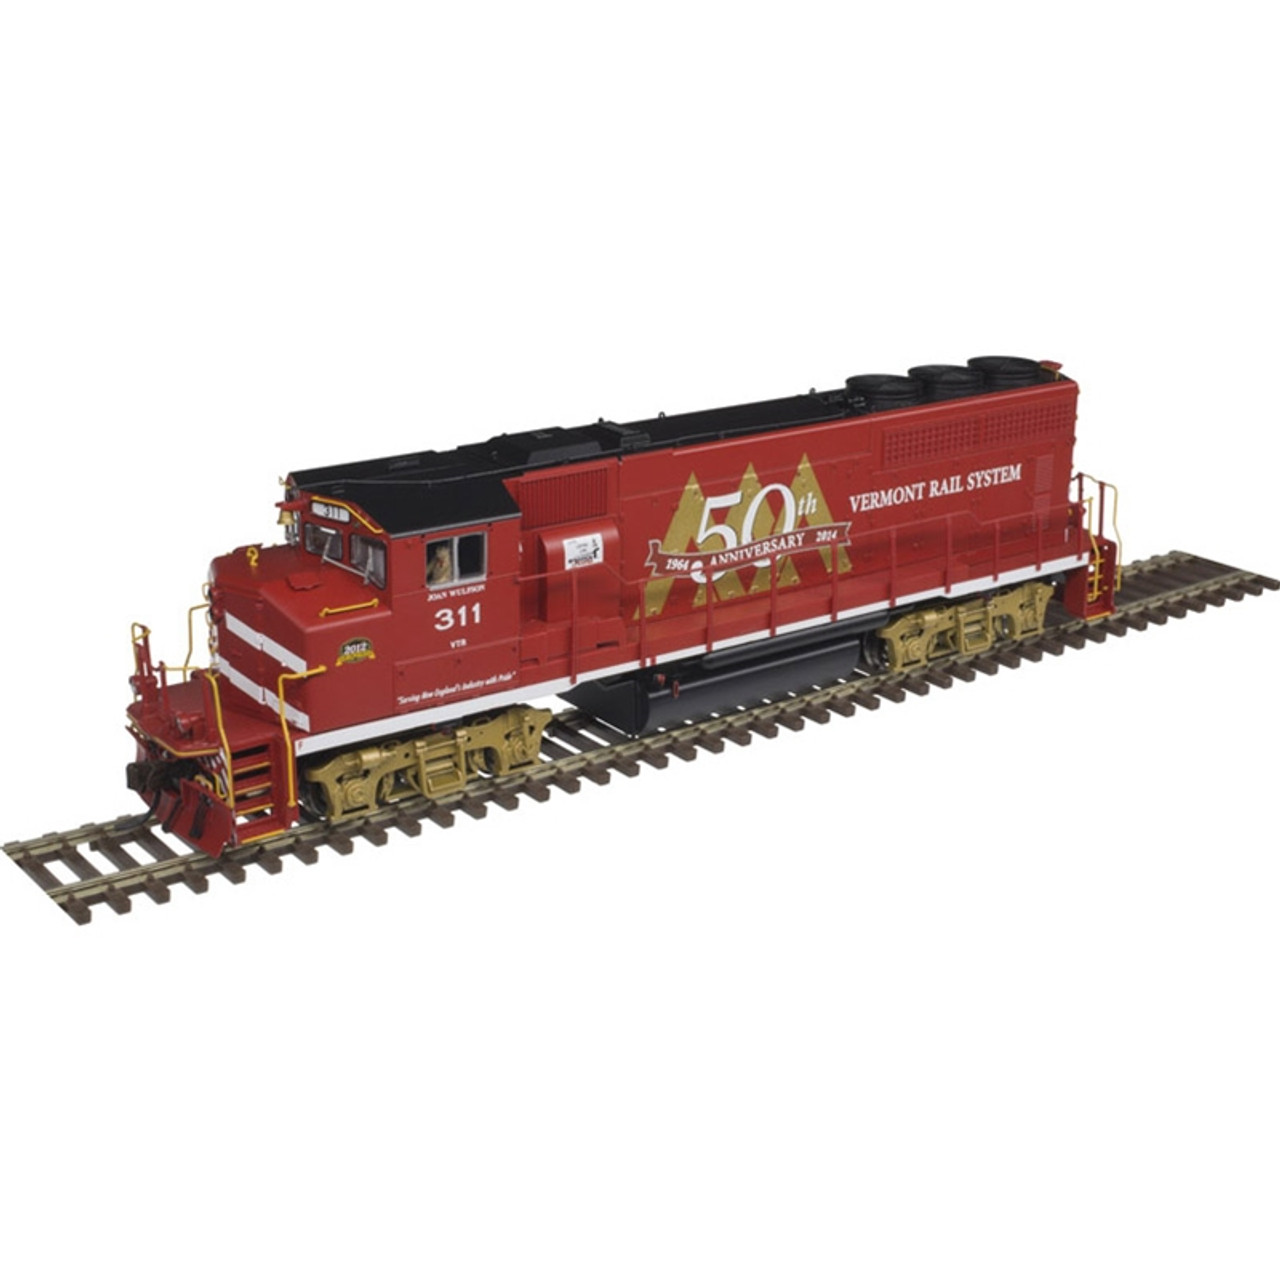 ATLAS 10002725 EMD GP40-2W - VTR - Vermont Railway #311 Gold - DCC & Sound (SCALE=HO) Part # 150-10002725